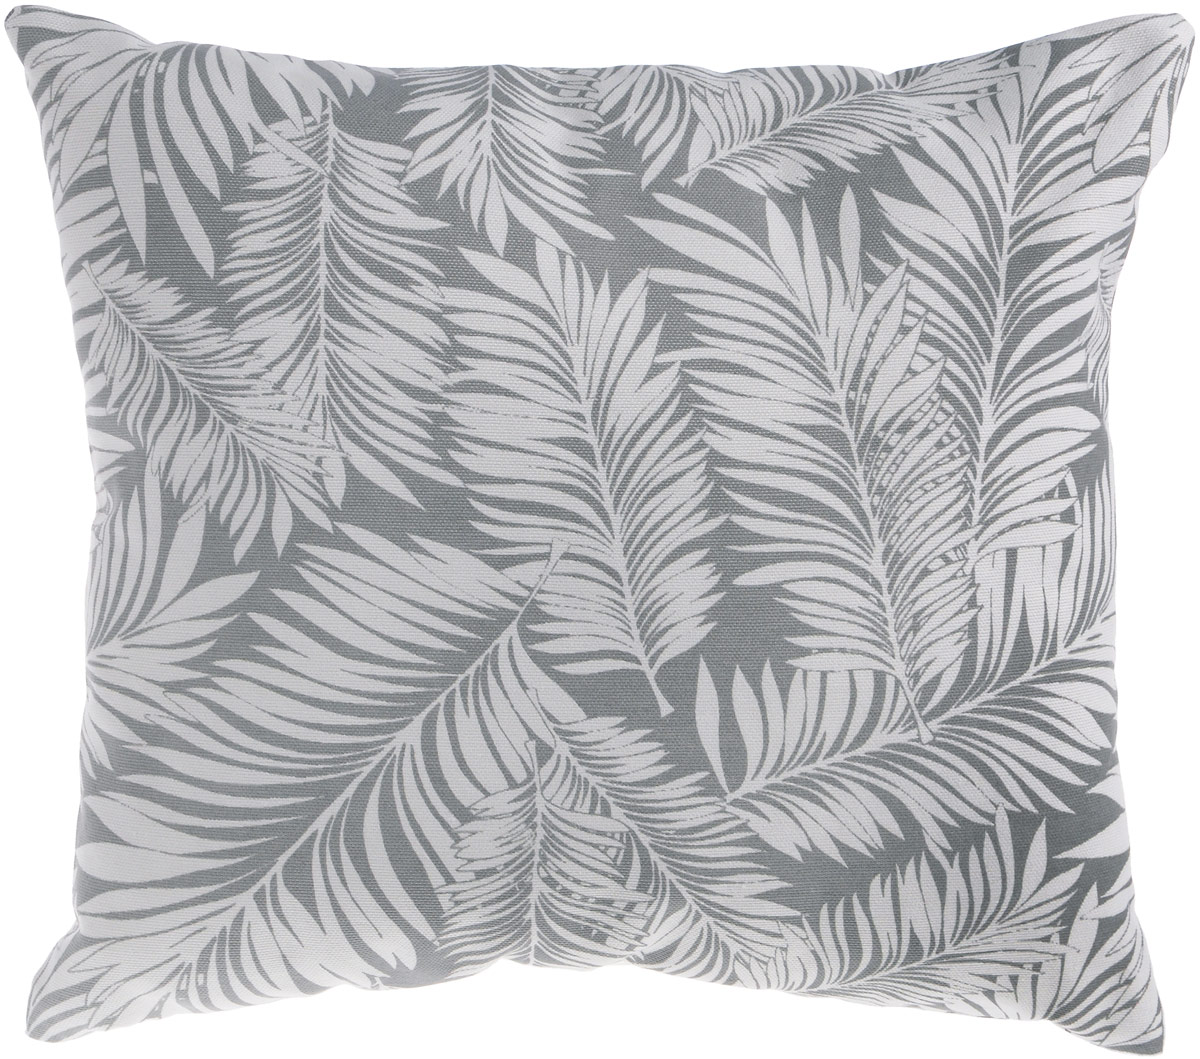 Подушка декоративная KauffOrt Пальма, цвет: серый, 40 x 40 см1004900000360Декоративная подушка Пальма прекрасно дополнит интерьер спальни или гостиной. Очень нежный на ощупь чехол подушки выполнен из 75% хлопка и 25% полиэстера. Внутри находится мягкий наполнитель. Чехол легко снимается благодаря потайной молнии.Красивая подушка создаст атмосферу уюта и комфорта в спальне и станет прекрасным элементом декора.